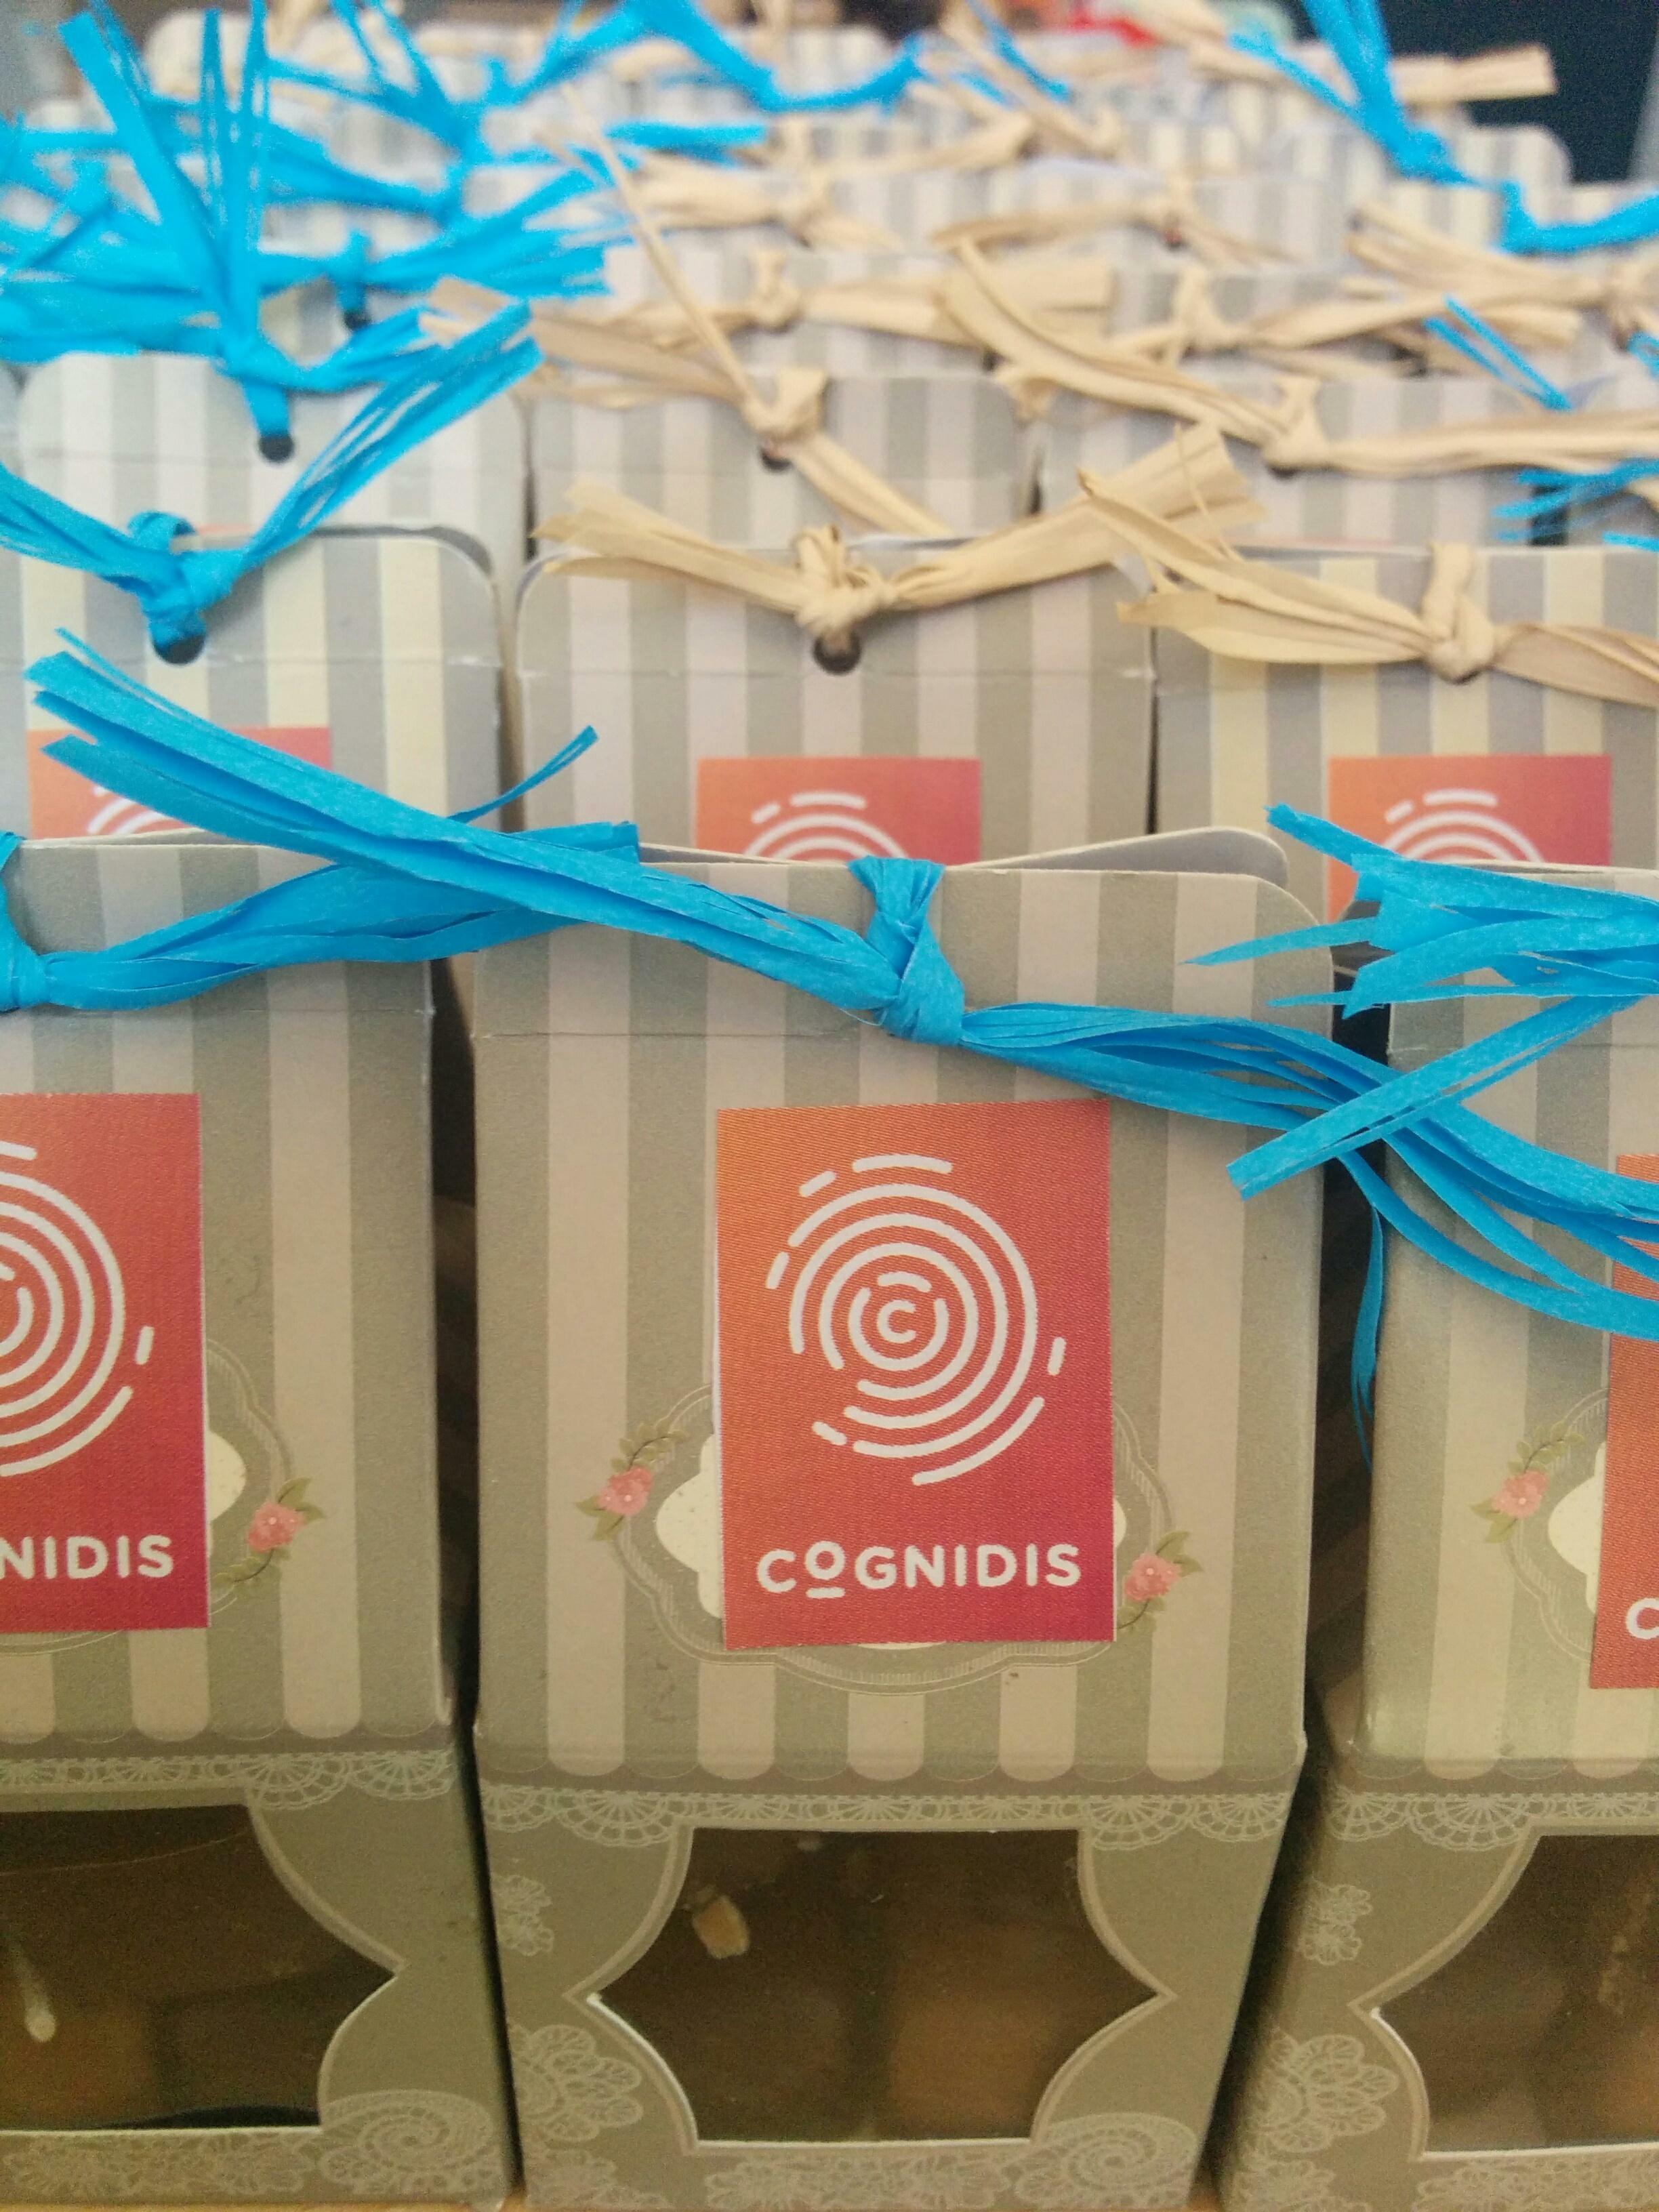 Cognidis chocolat